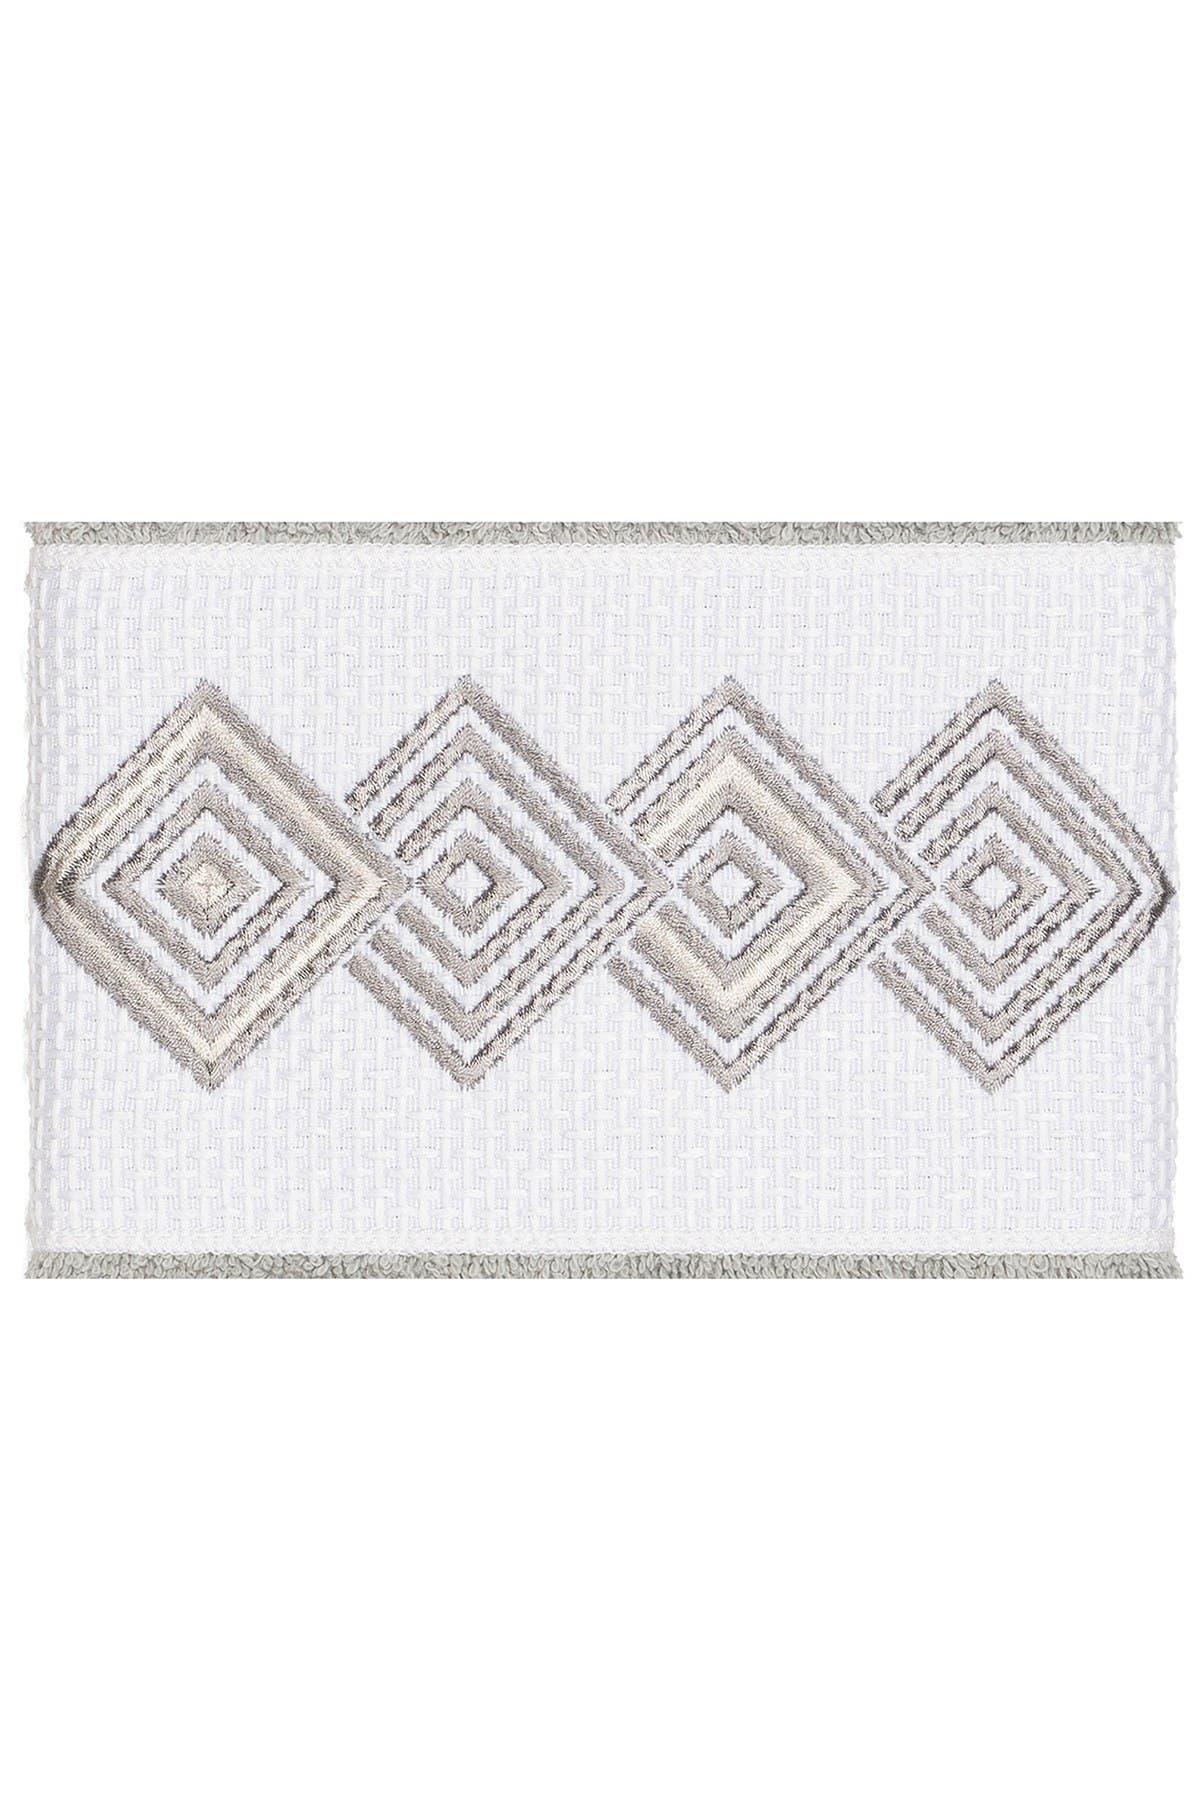 Image of LINUM HOME Noah Embellished Hand Towel - Set of 2 - Light Grey